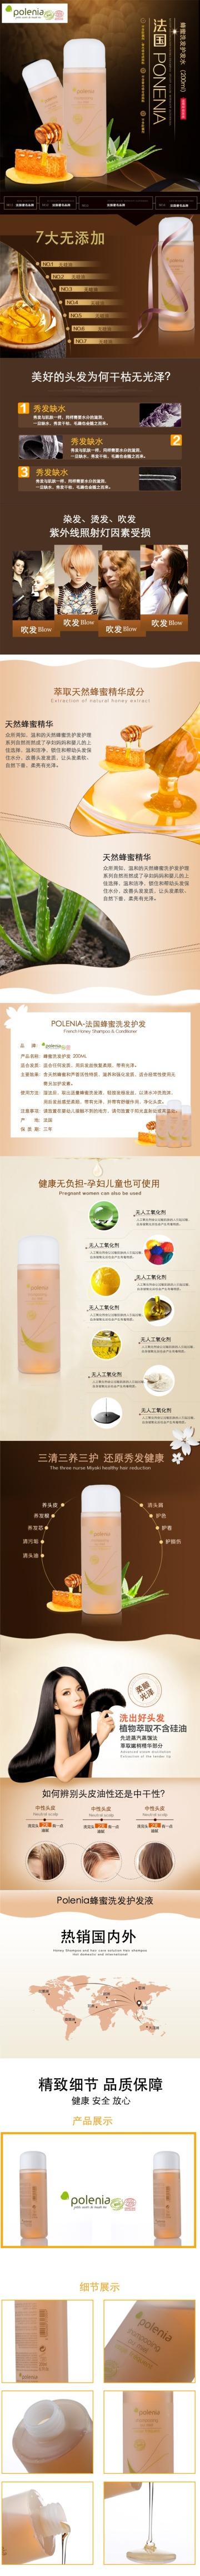 优雅时尚法国蜂蜜洗发护发水电商详情图